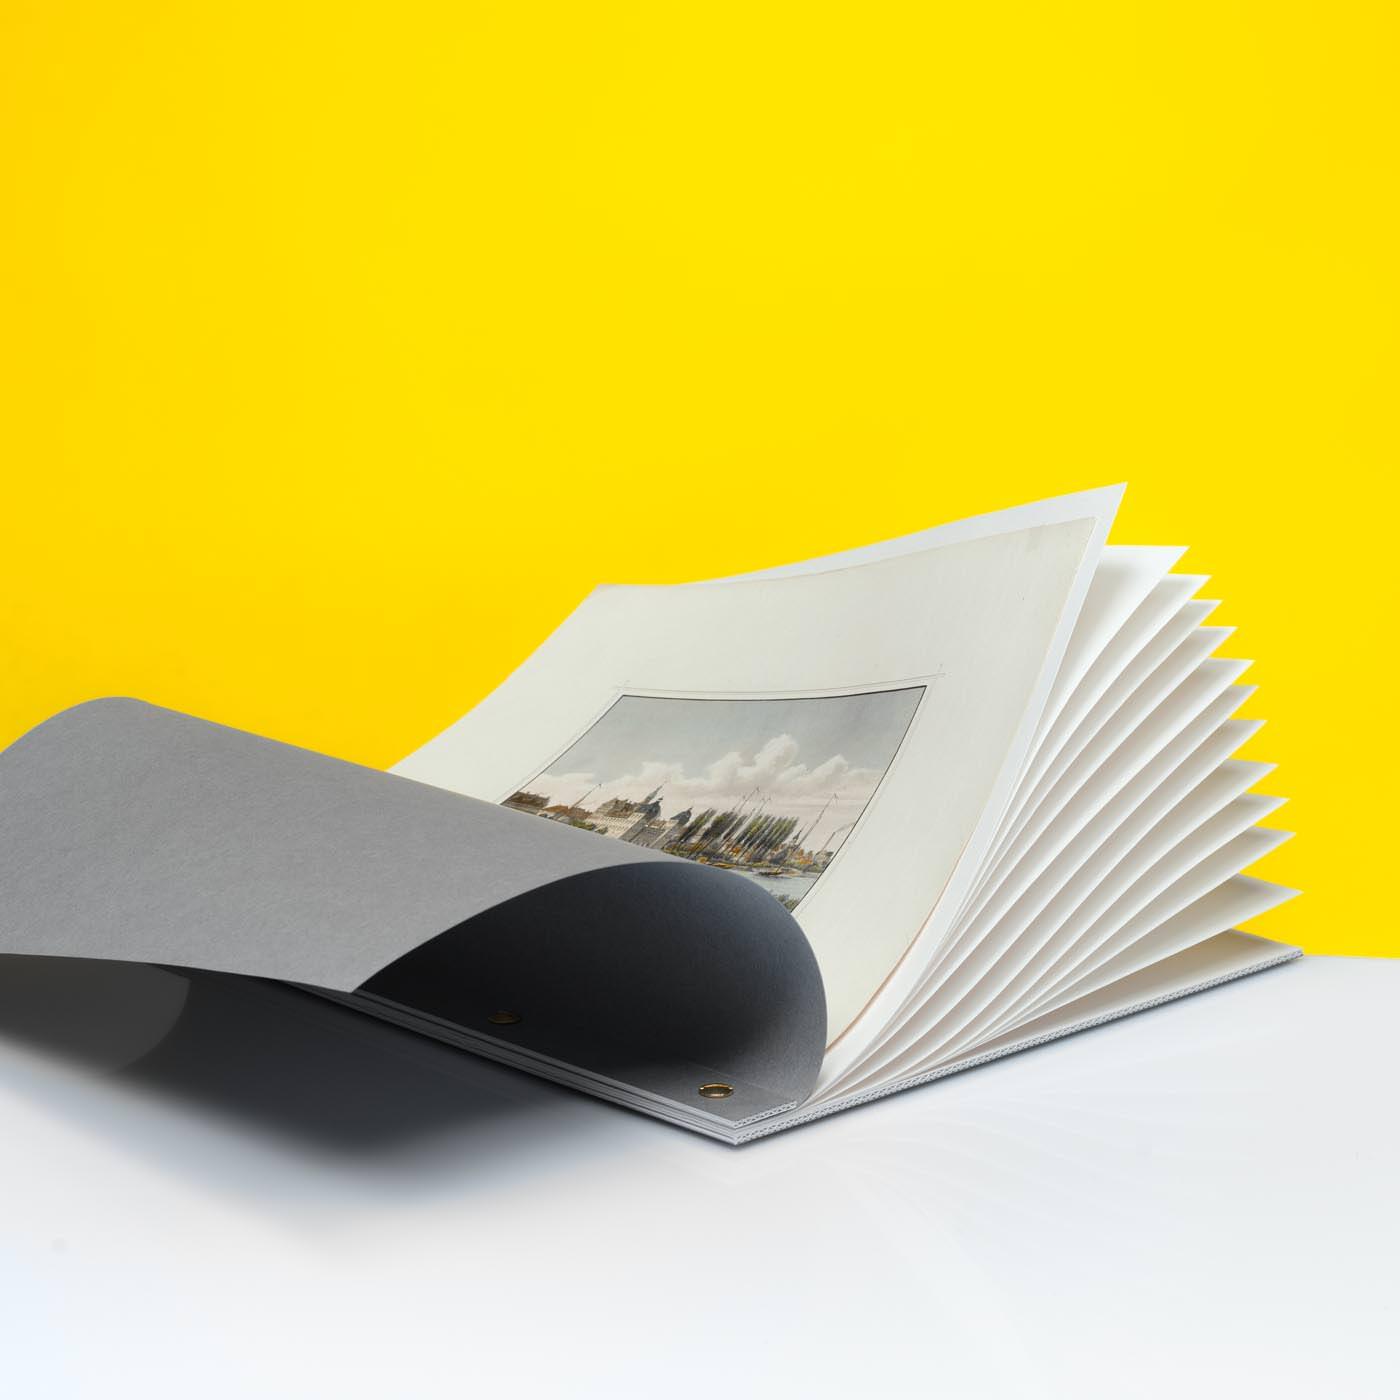 Separierfächer mit Buchschrauben